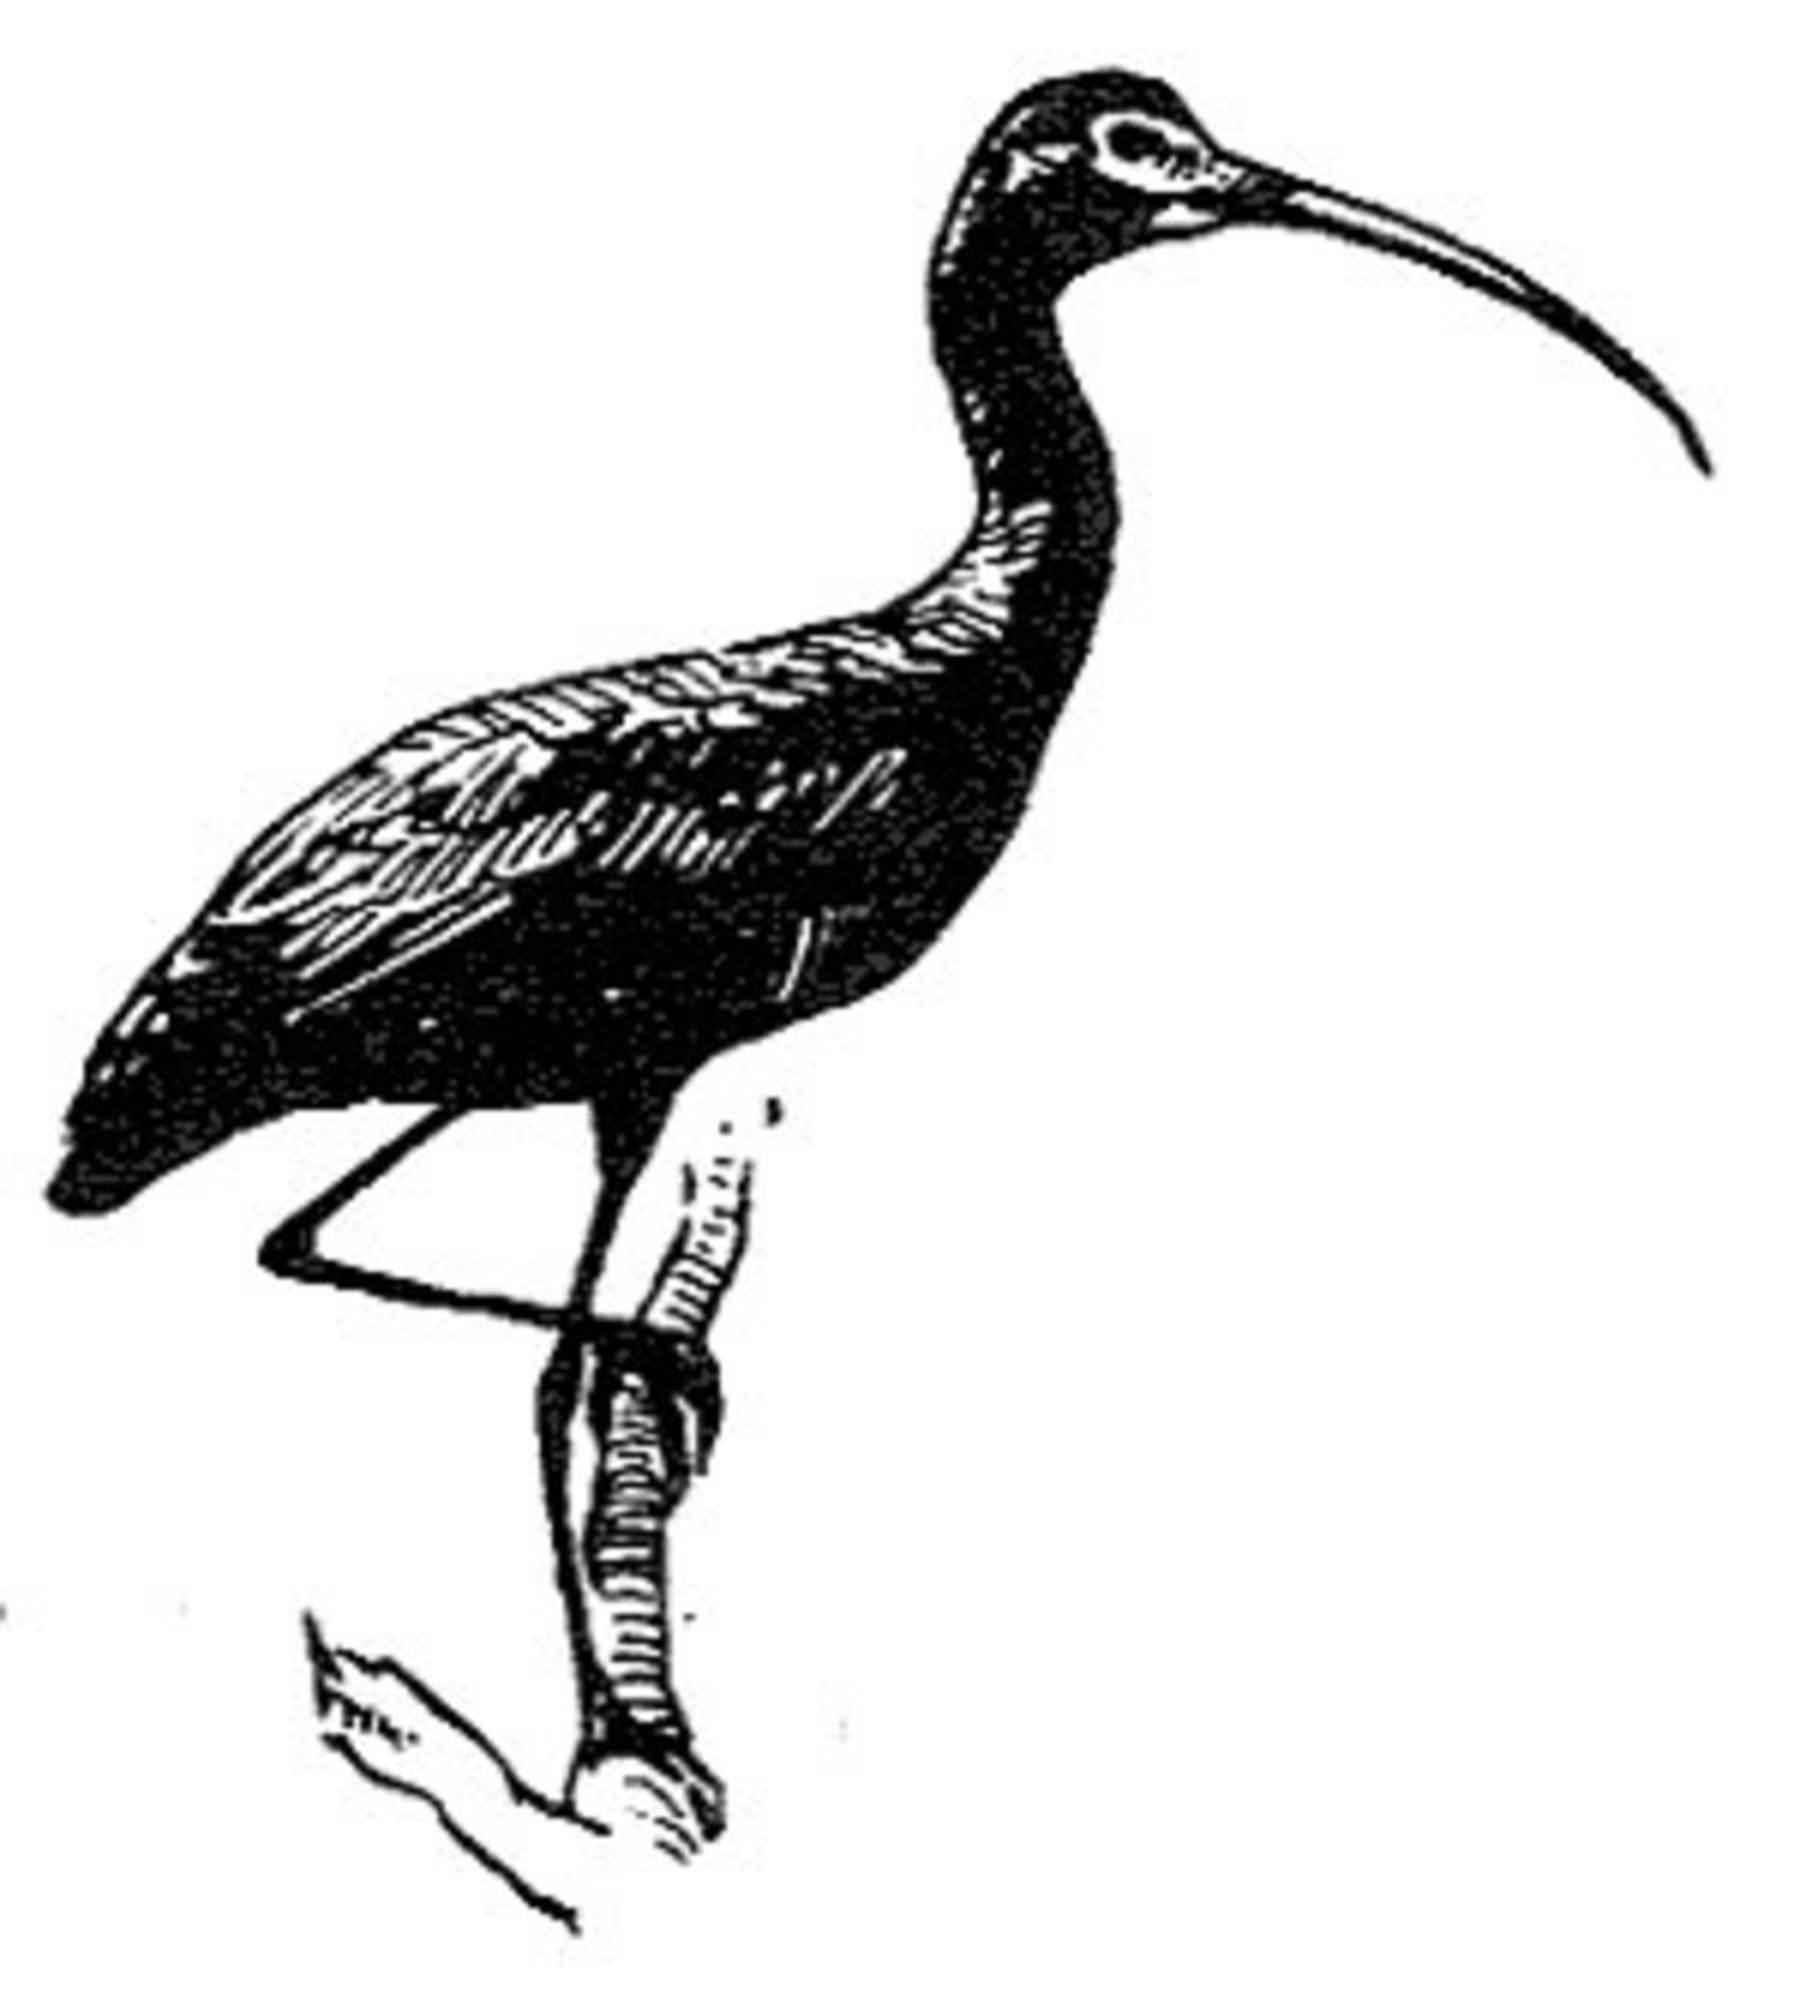 Image Libre Brillant Ibis Oiseau Ligne Dessin Noir Et